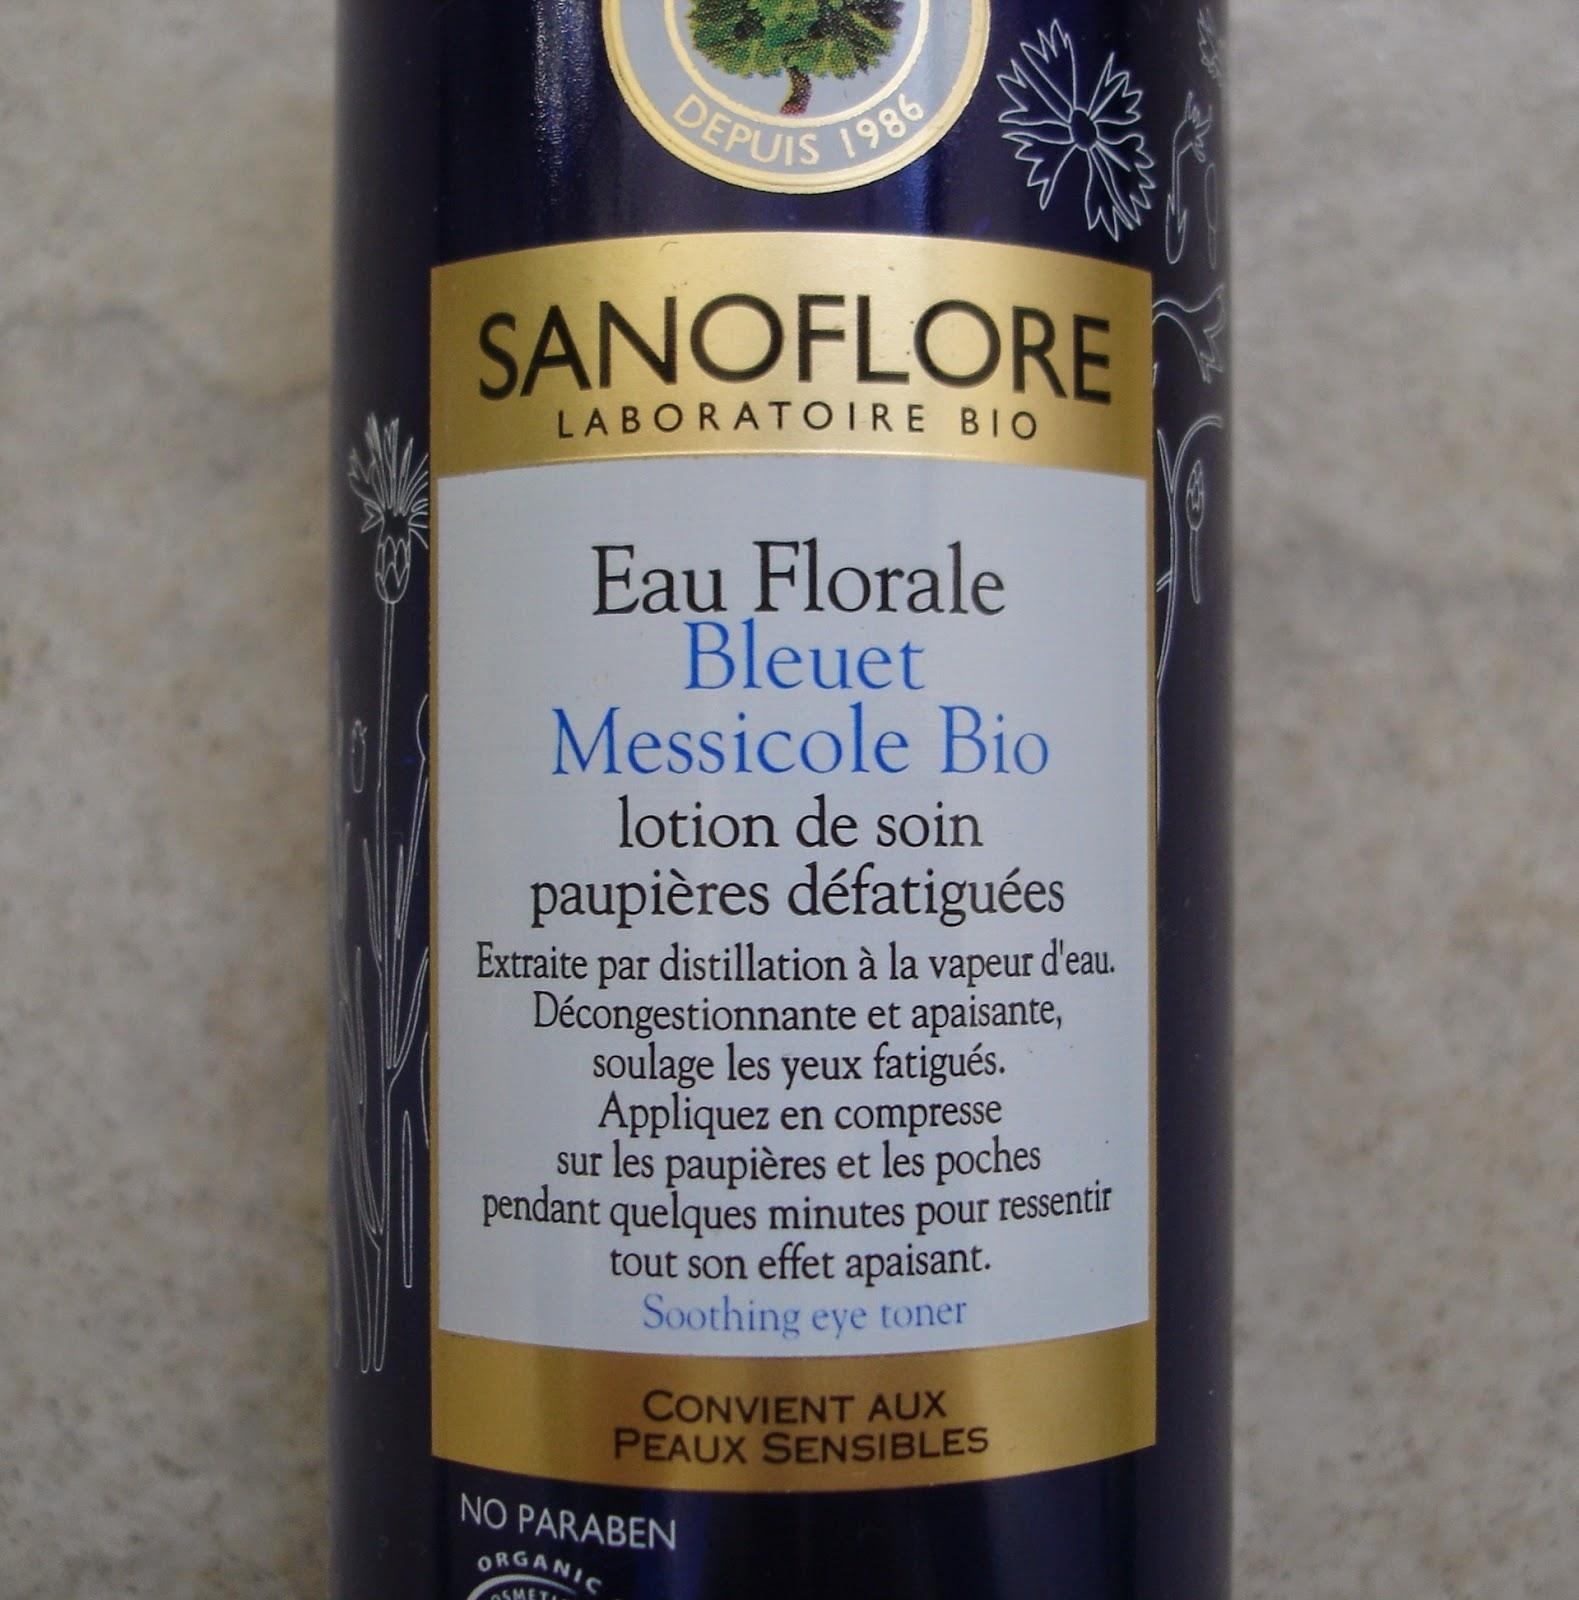 Sanoflore Eau florale de Bleuet Messicole